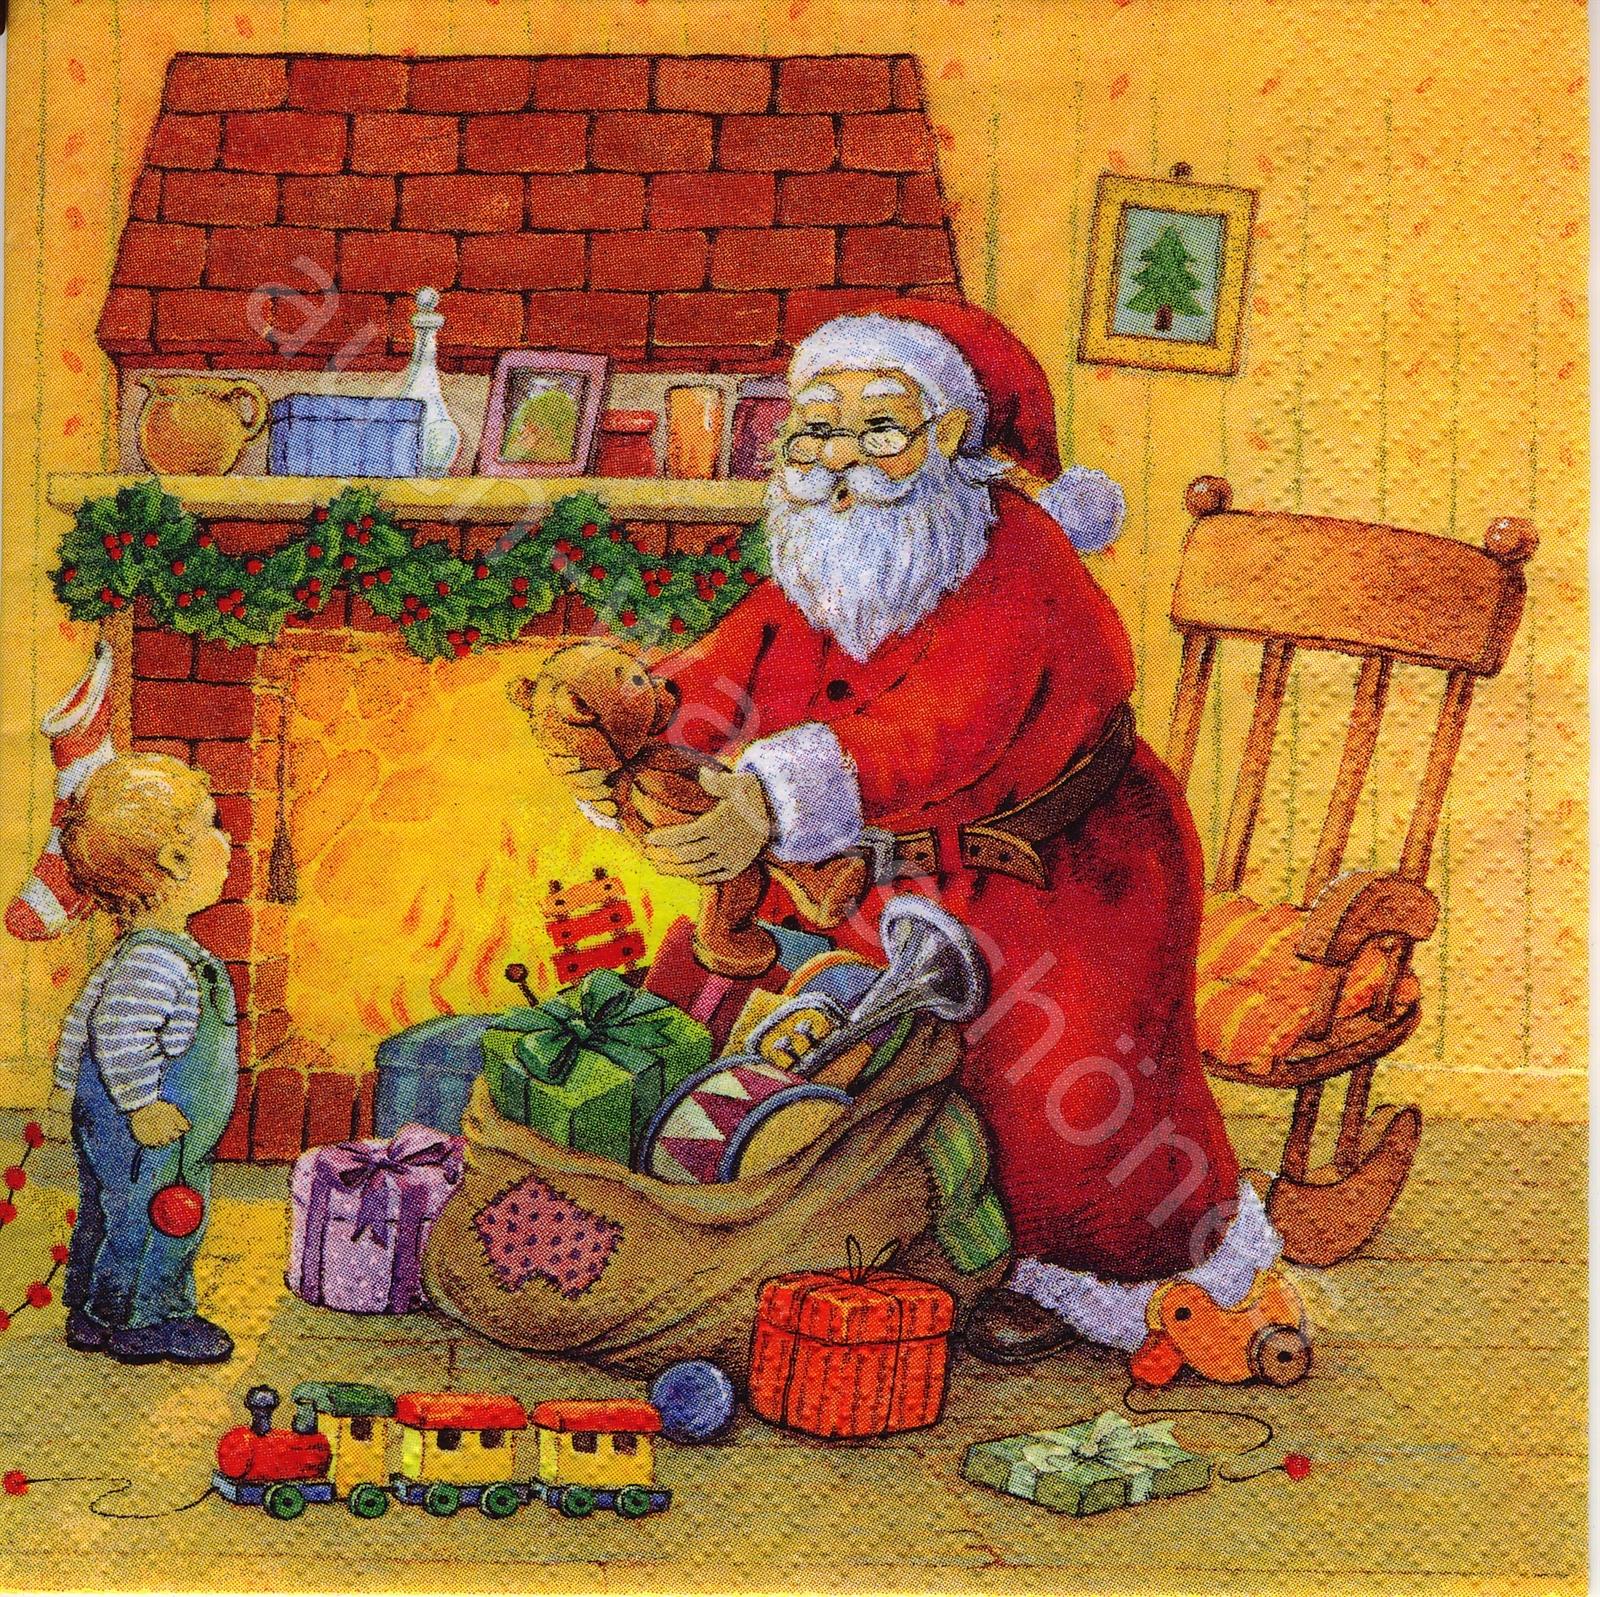 Bilder Weihnachten Nostalgisch.Serviette Santa Claus Kinder Weihnachten Nostalgie Wn071